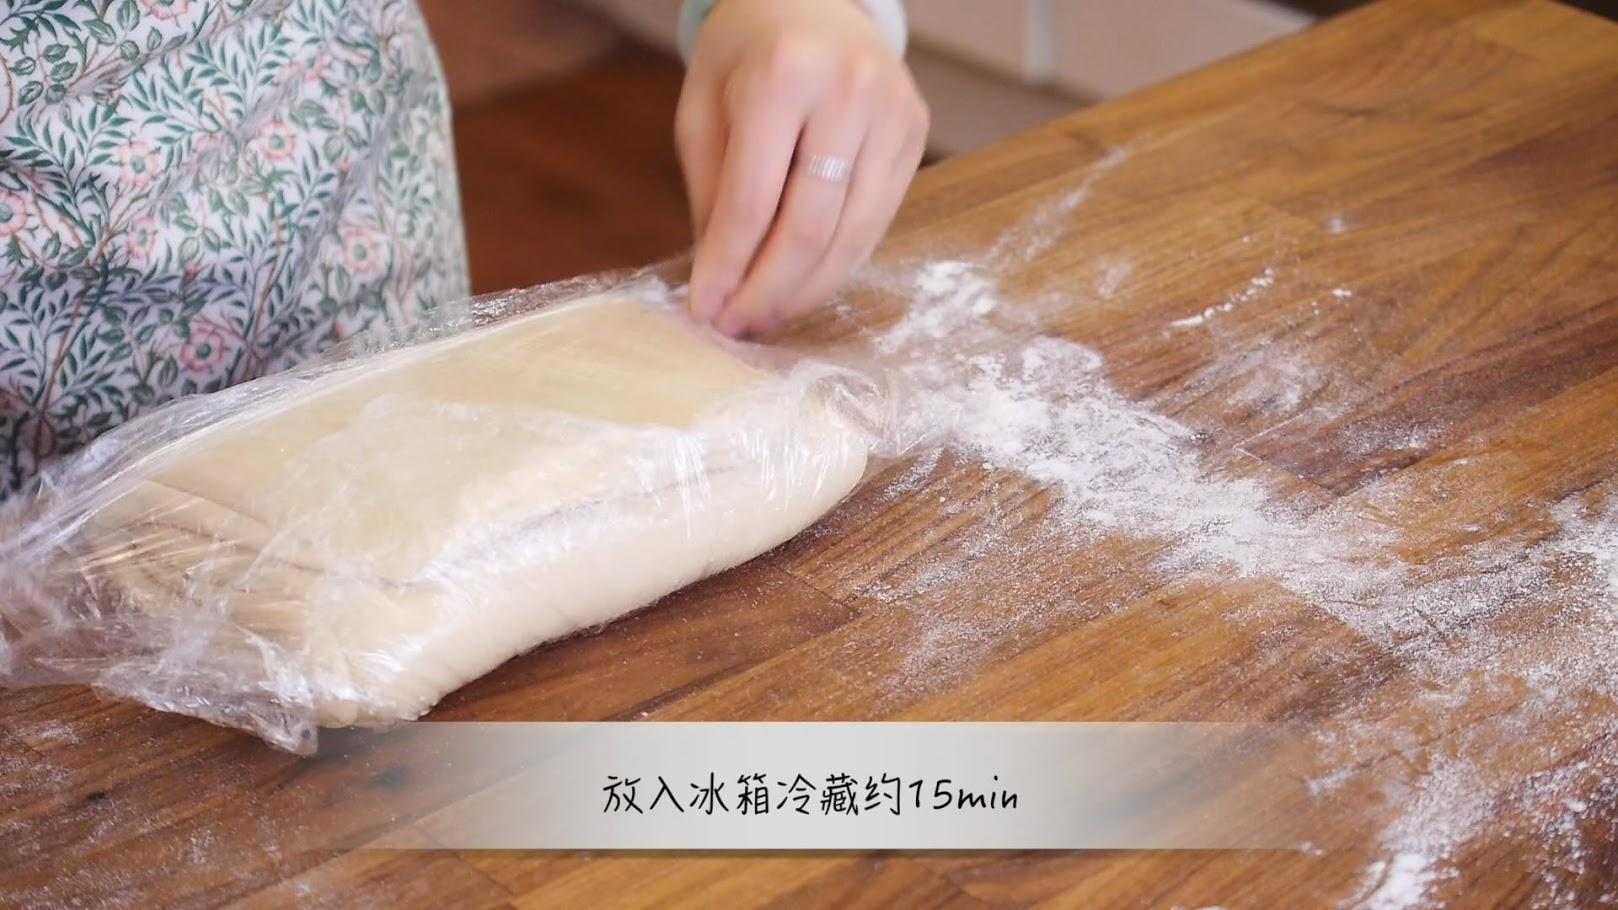 丹麦酥皮面包[00_05_04][20151203-131836-7]